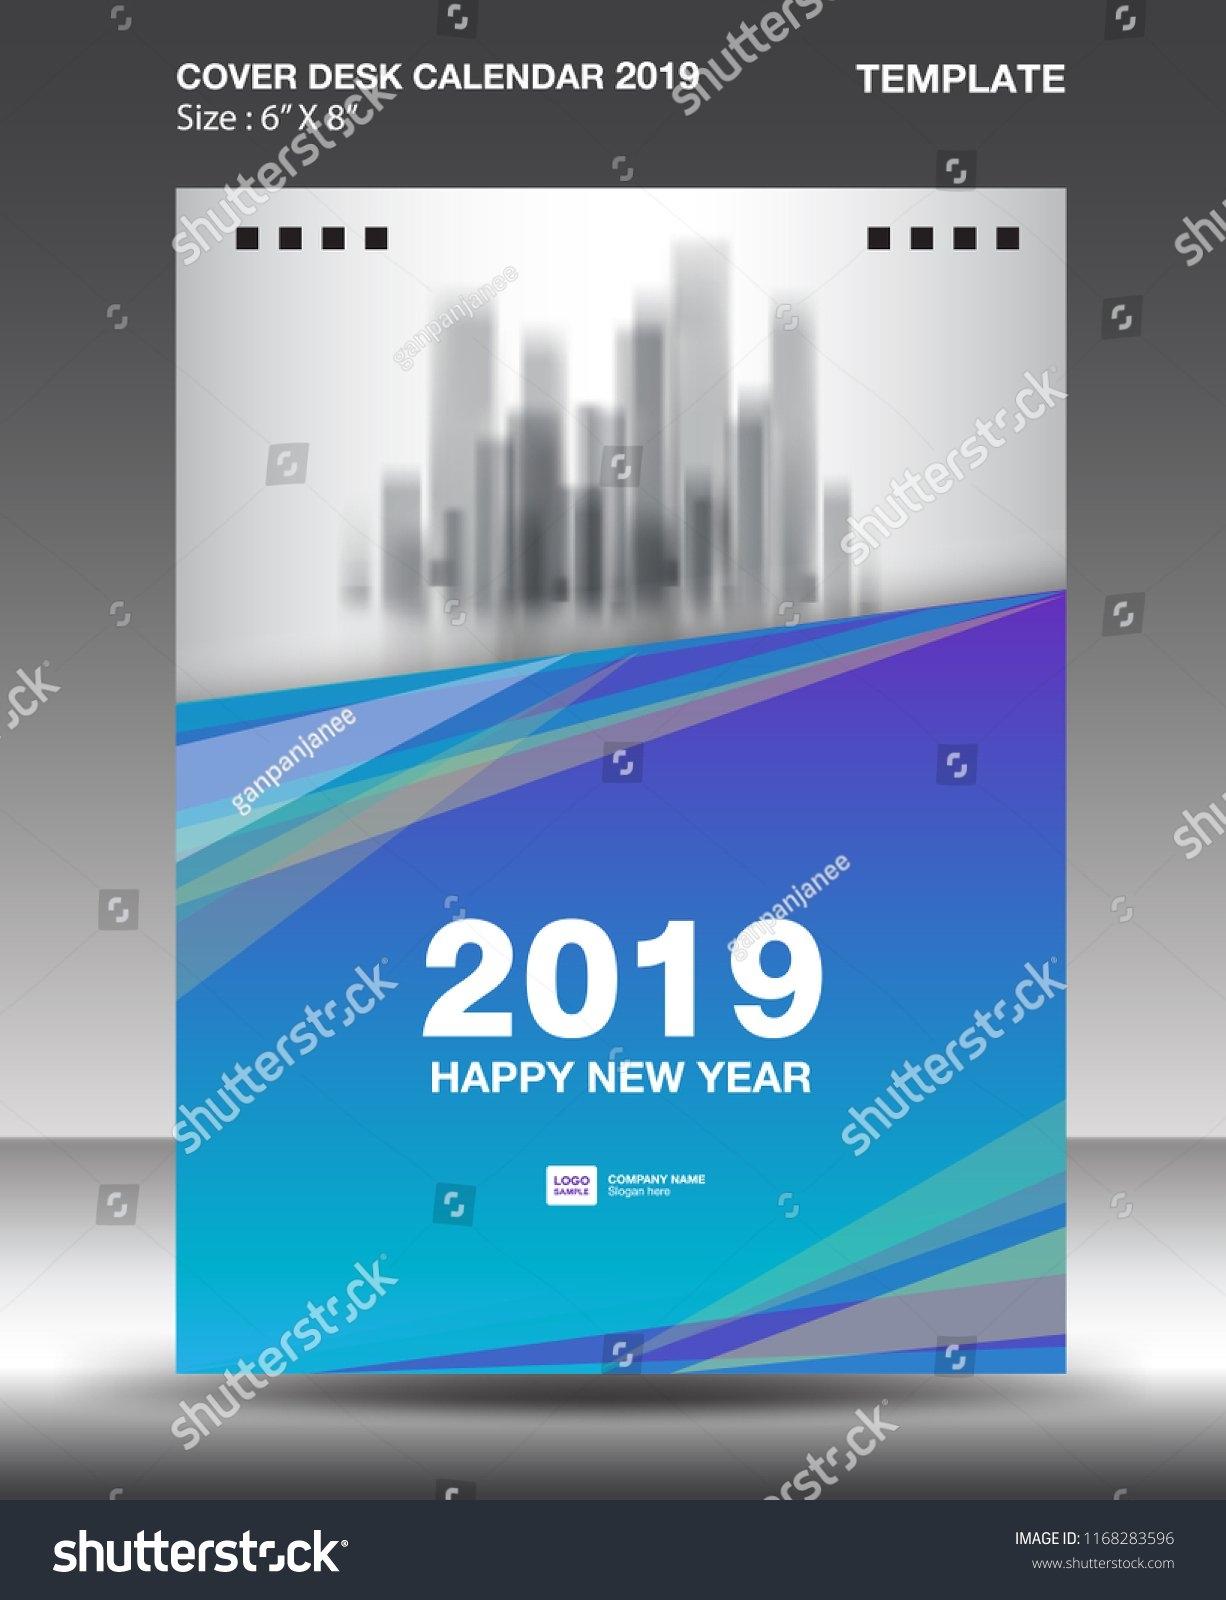 Cover Desk Calendar 2019 Design Template Stock Vector (Royalty Free Calendar 2019 Same As